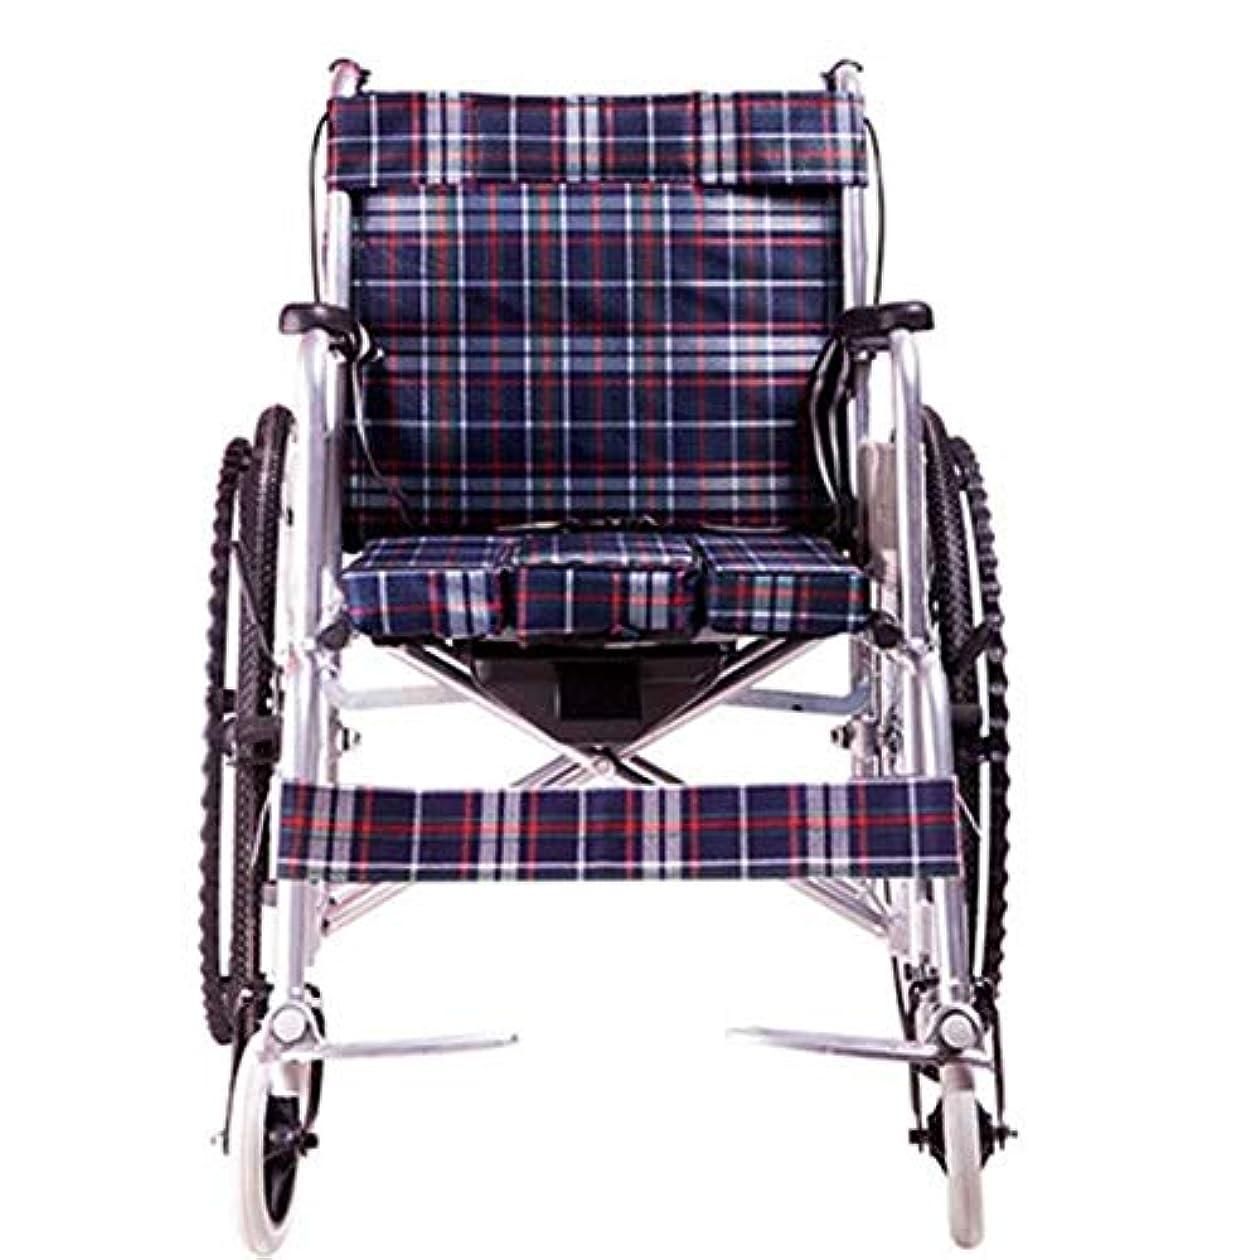 哲学者取り消す合法ハンドブレーキとクイックリリースリアホイールを備えた軽量アルミニウム折りたたみ式セルフプロペール車椅子 (Color : Oxford cloth)